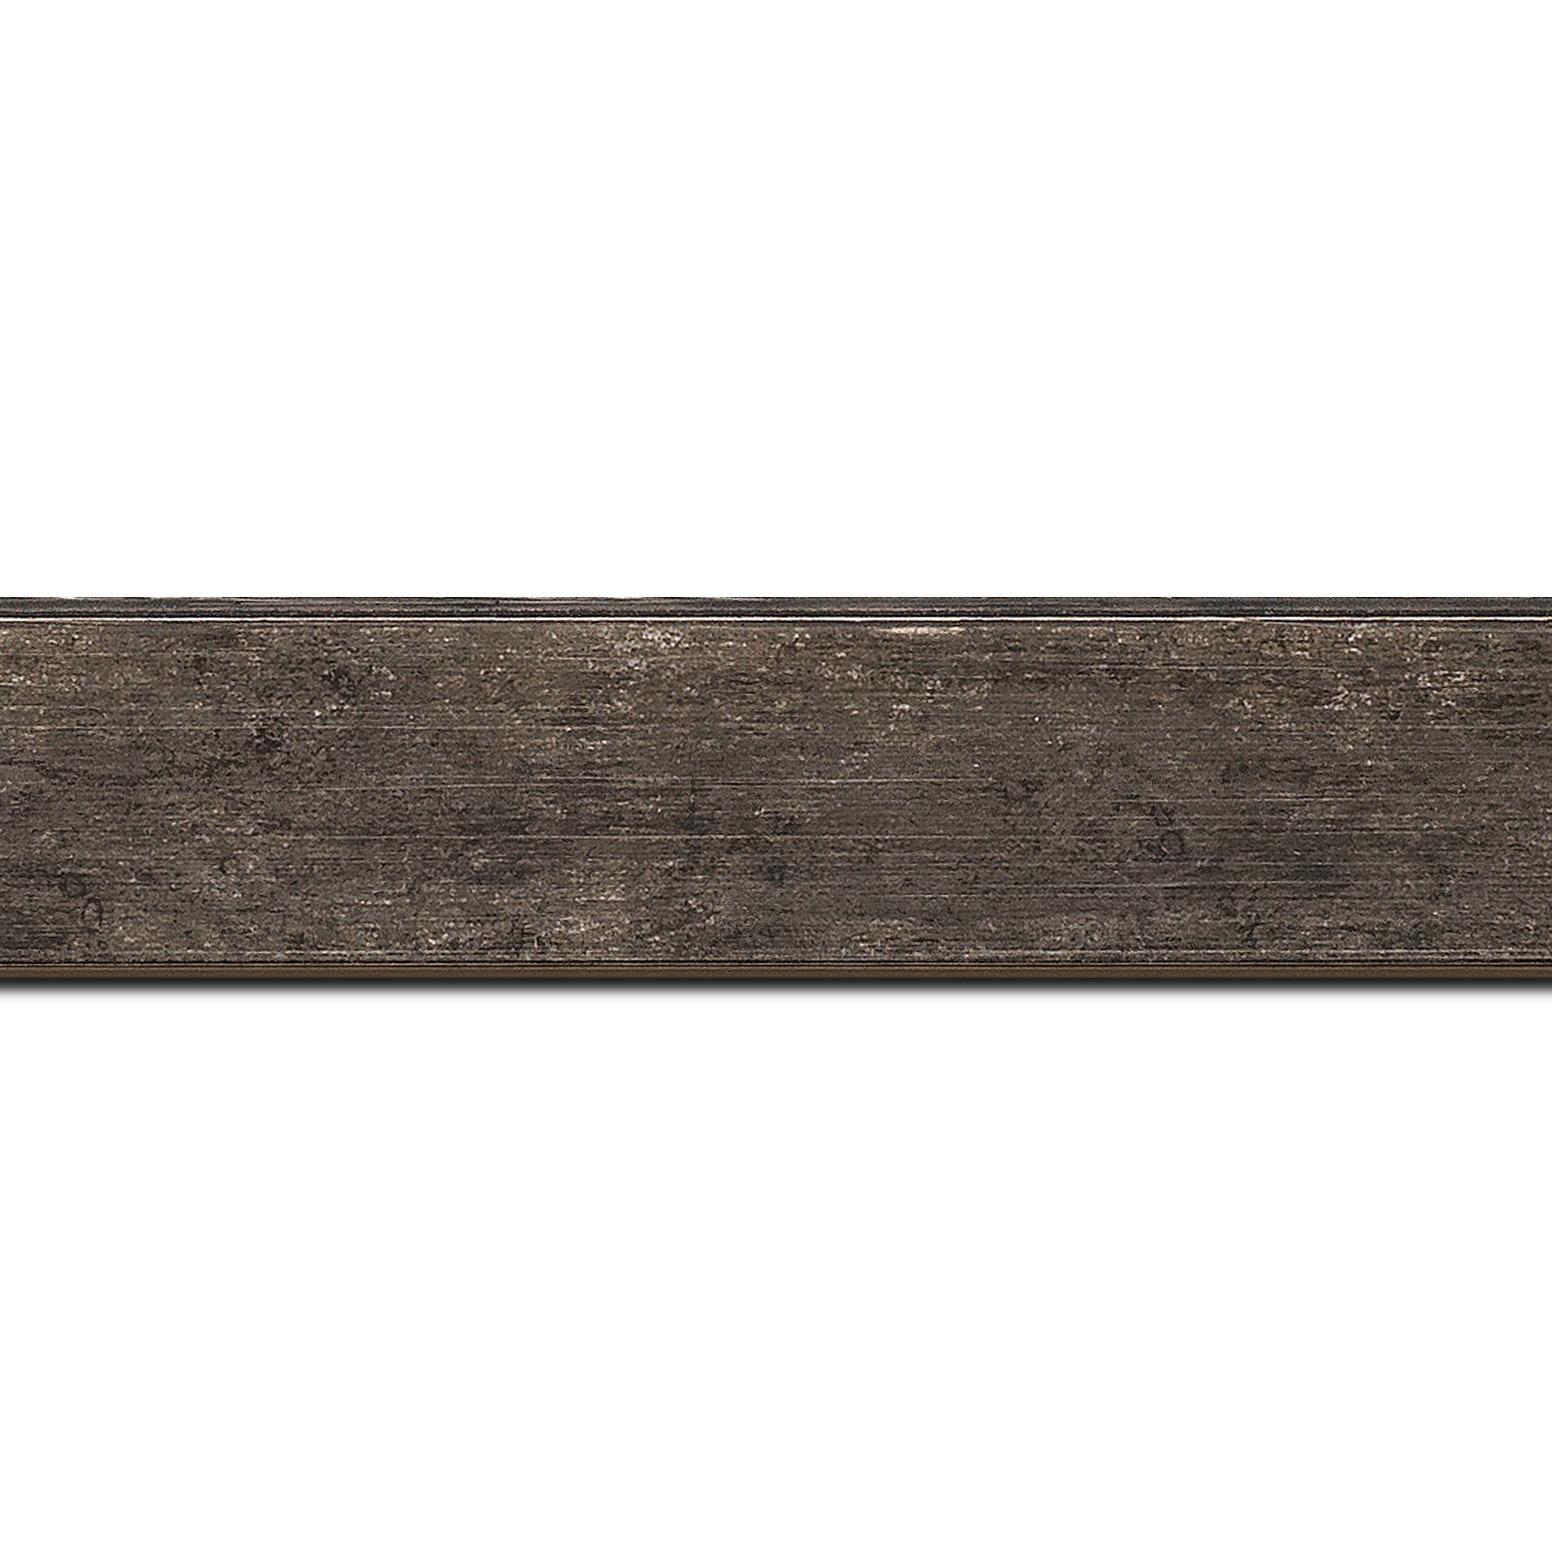 Pack par 12m, bois profil plat incliné largeur 3.7cm couleur noir ébène effet ressuyé (longueur baguette pouvant varier entre 2.40m et 3m selon arrivage des bois)